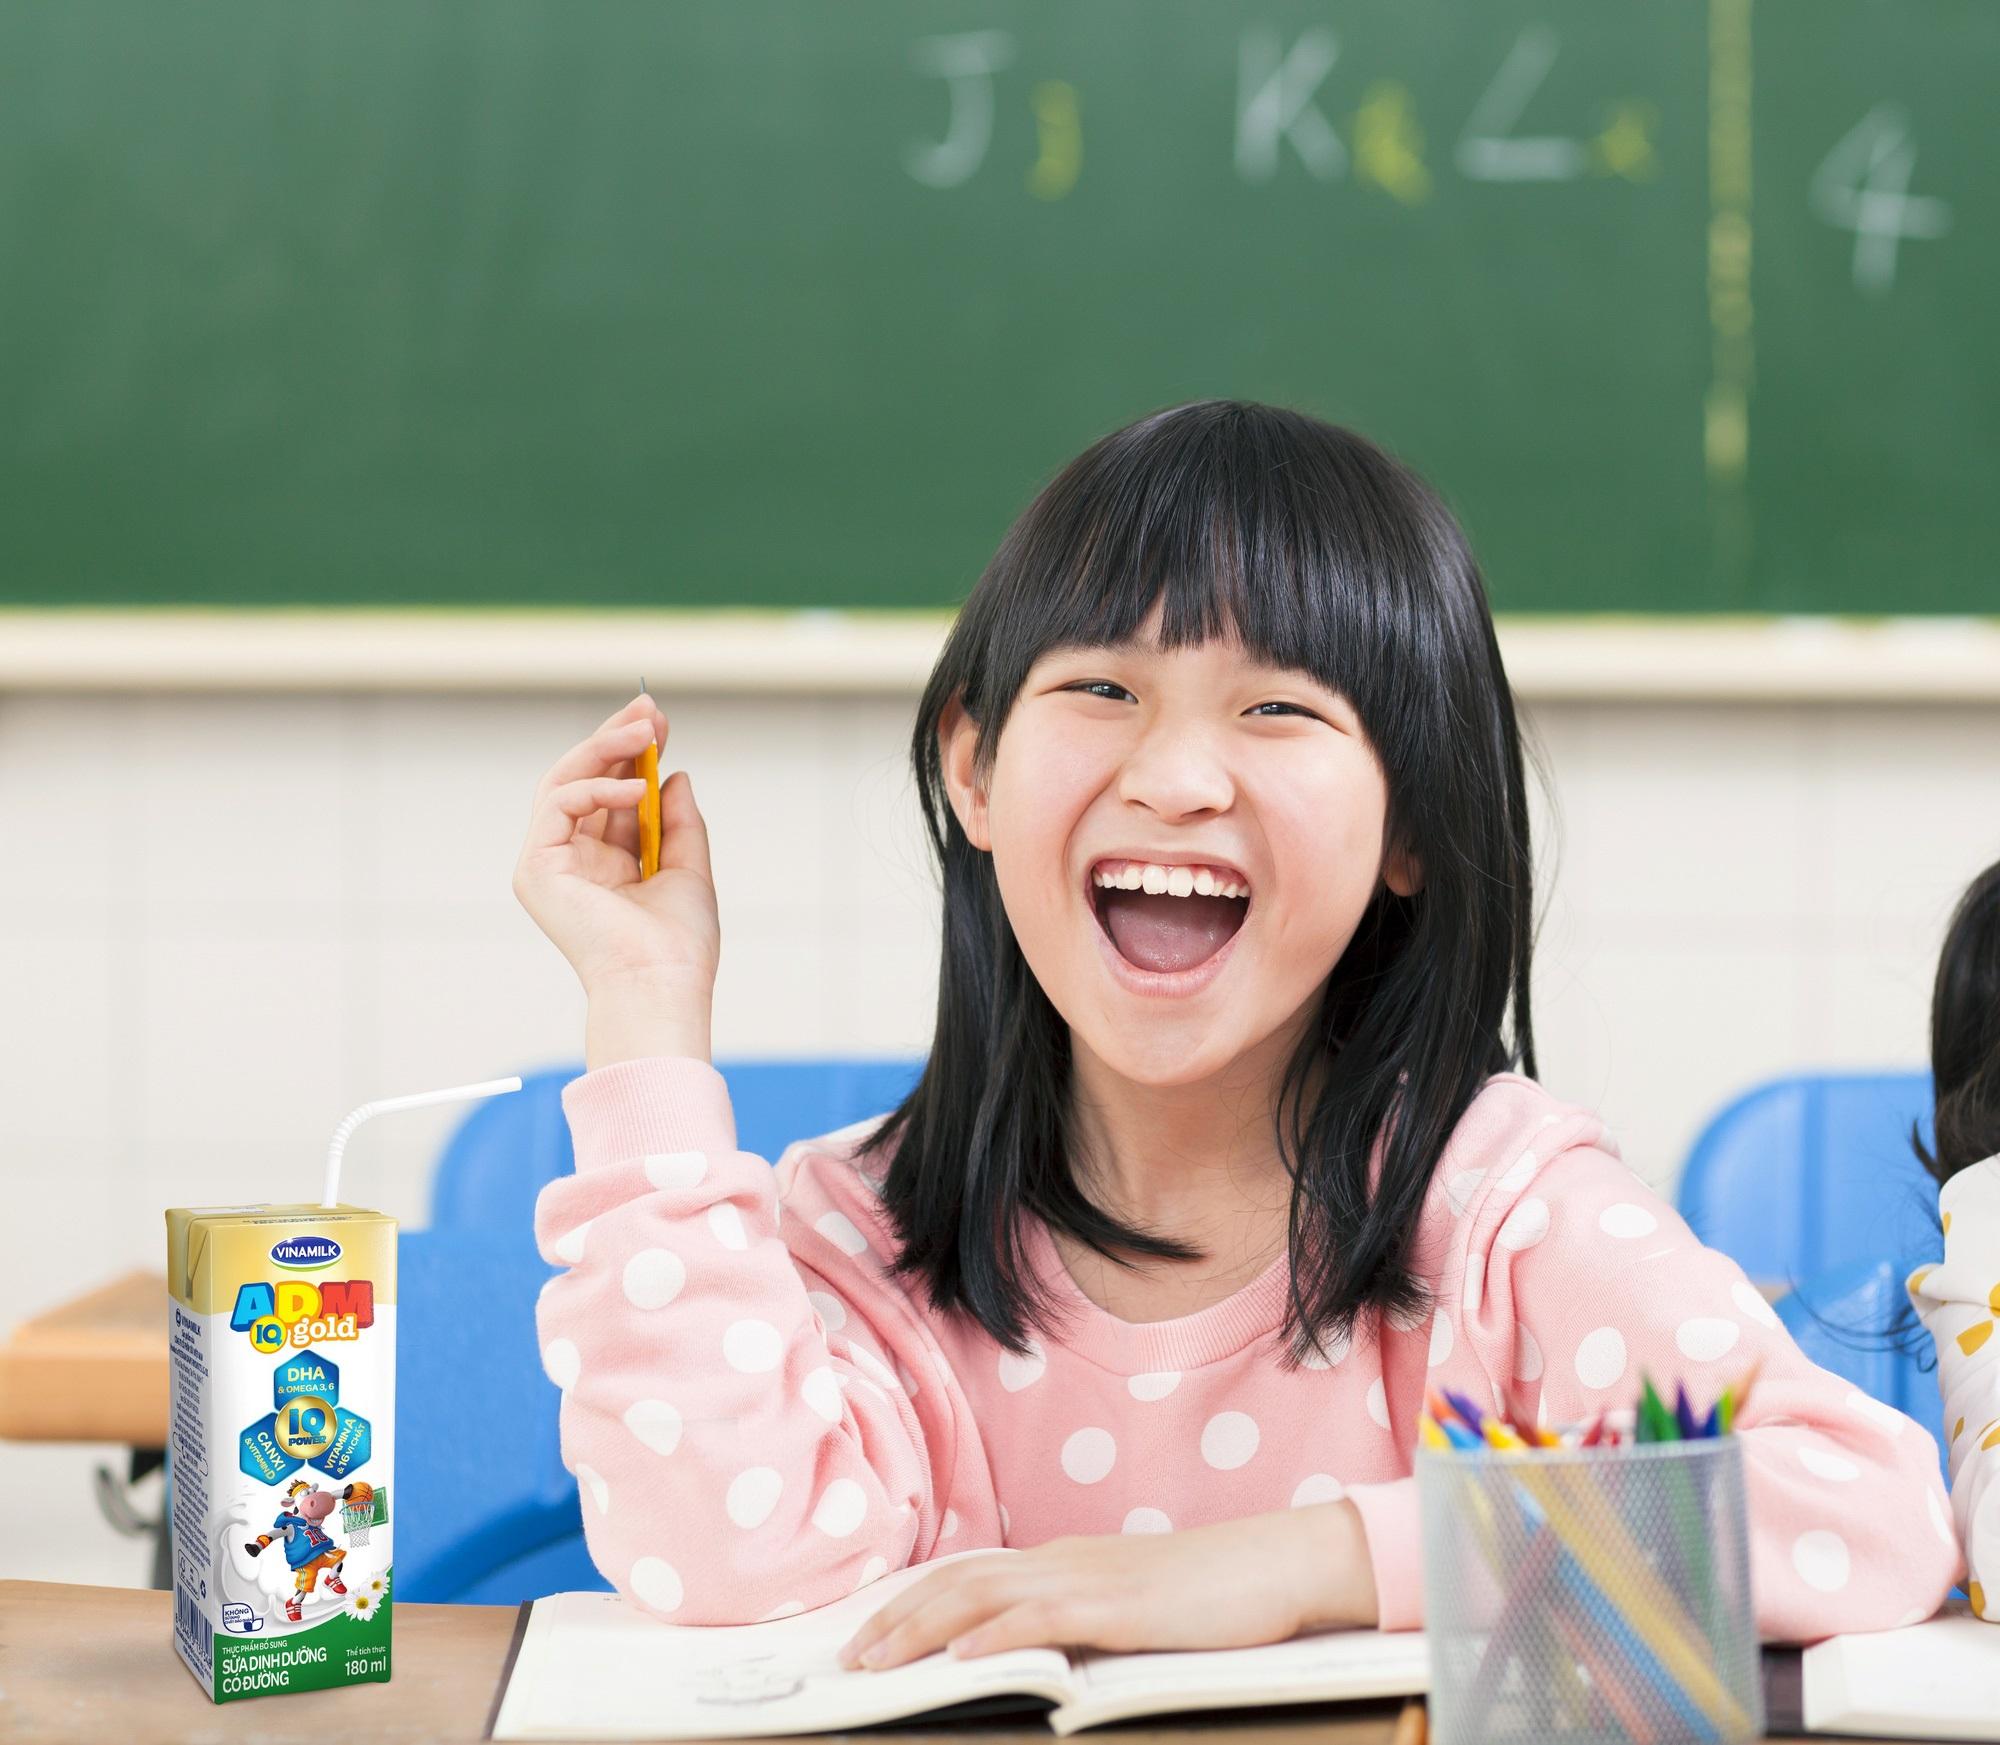 """Có thực mới vượt được """"Cô-Vy"""", bí quyết dinh dưỡng cho bé vui khỏe khi quay lại trường - Ảnh 3"""